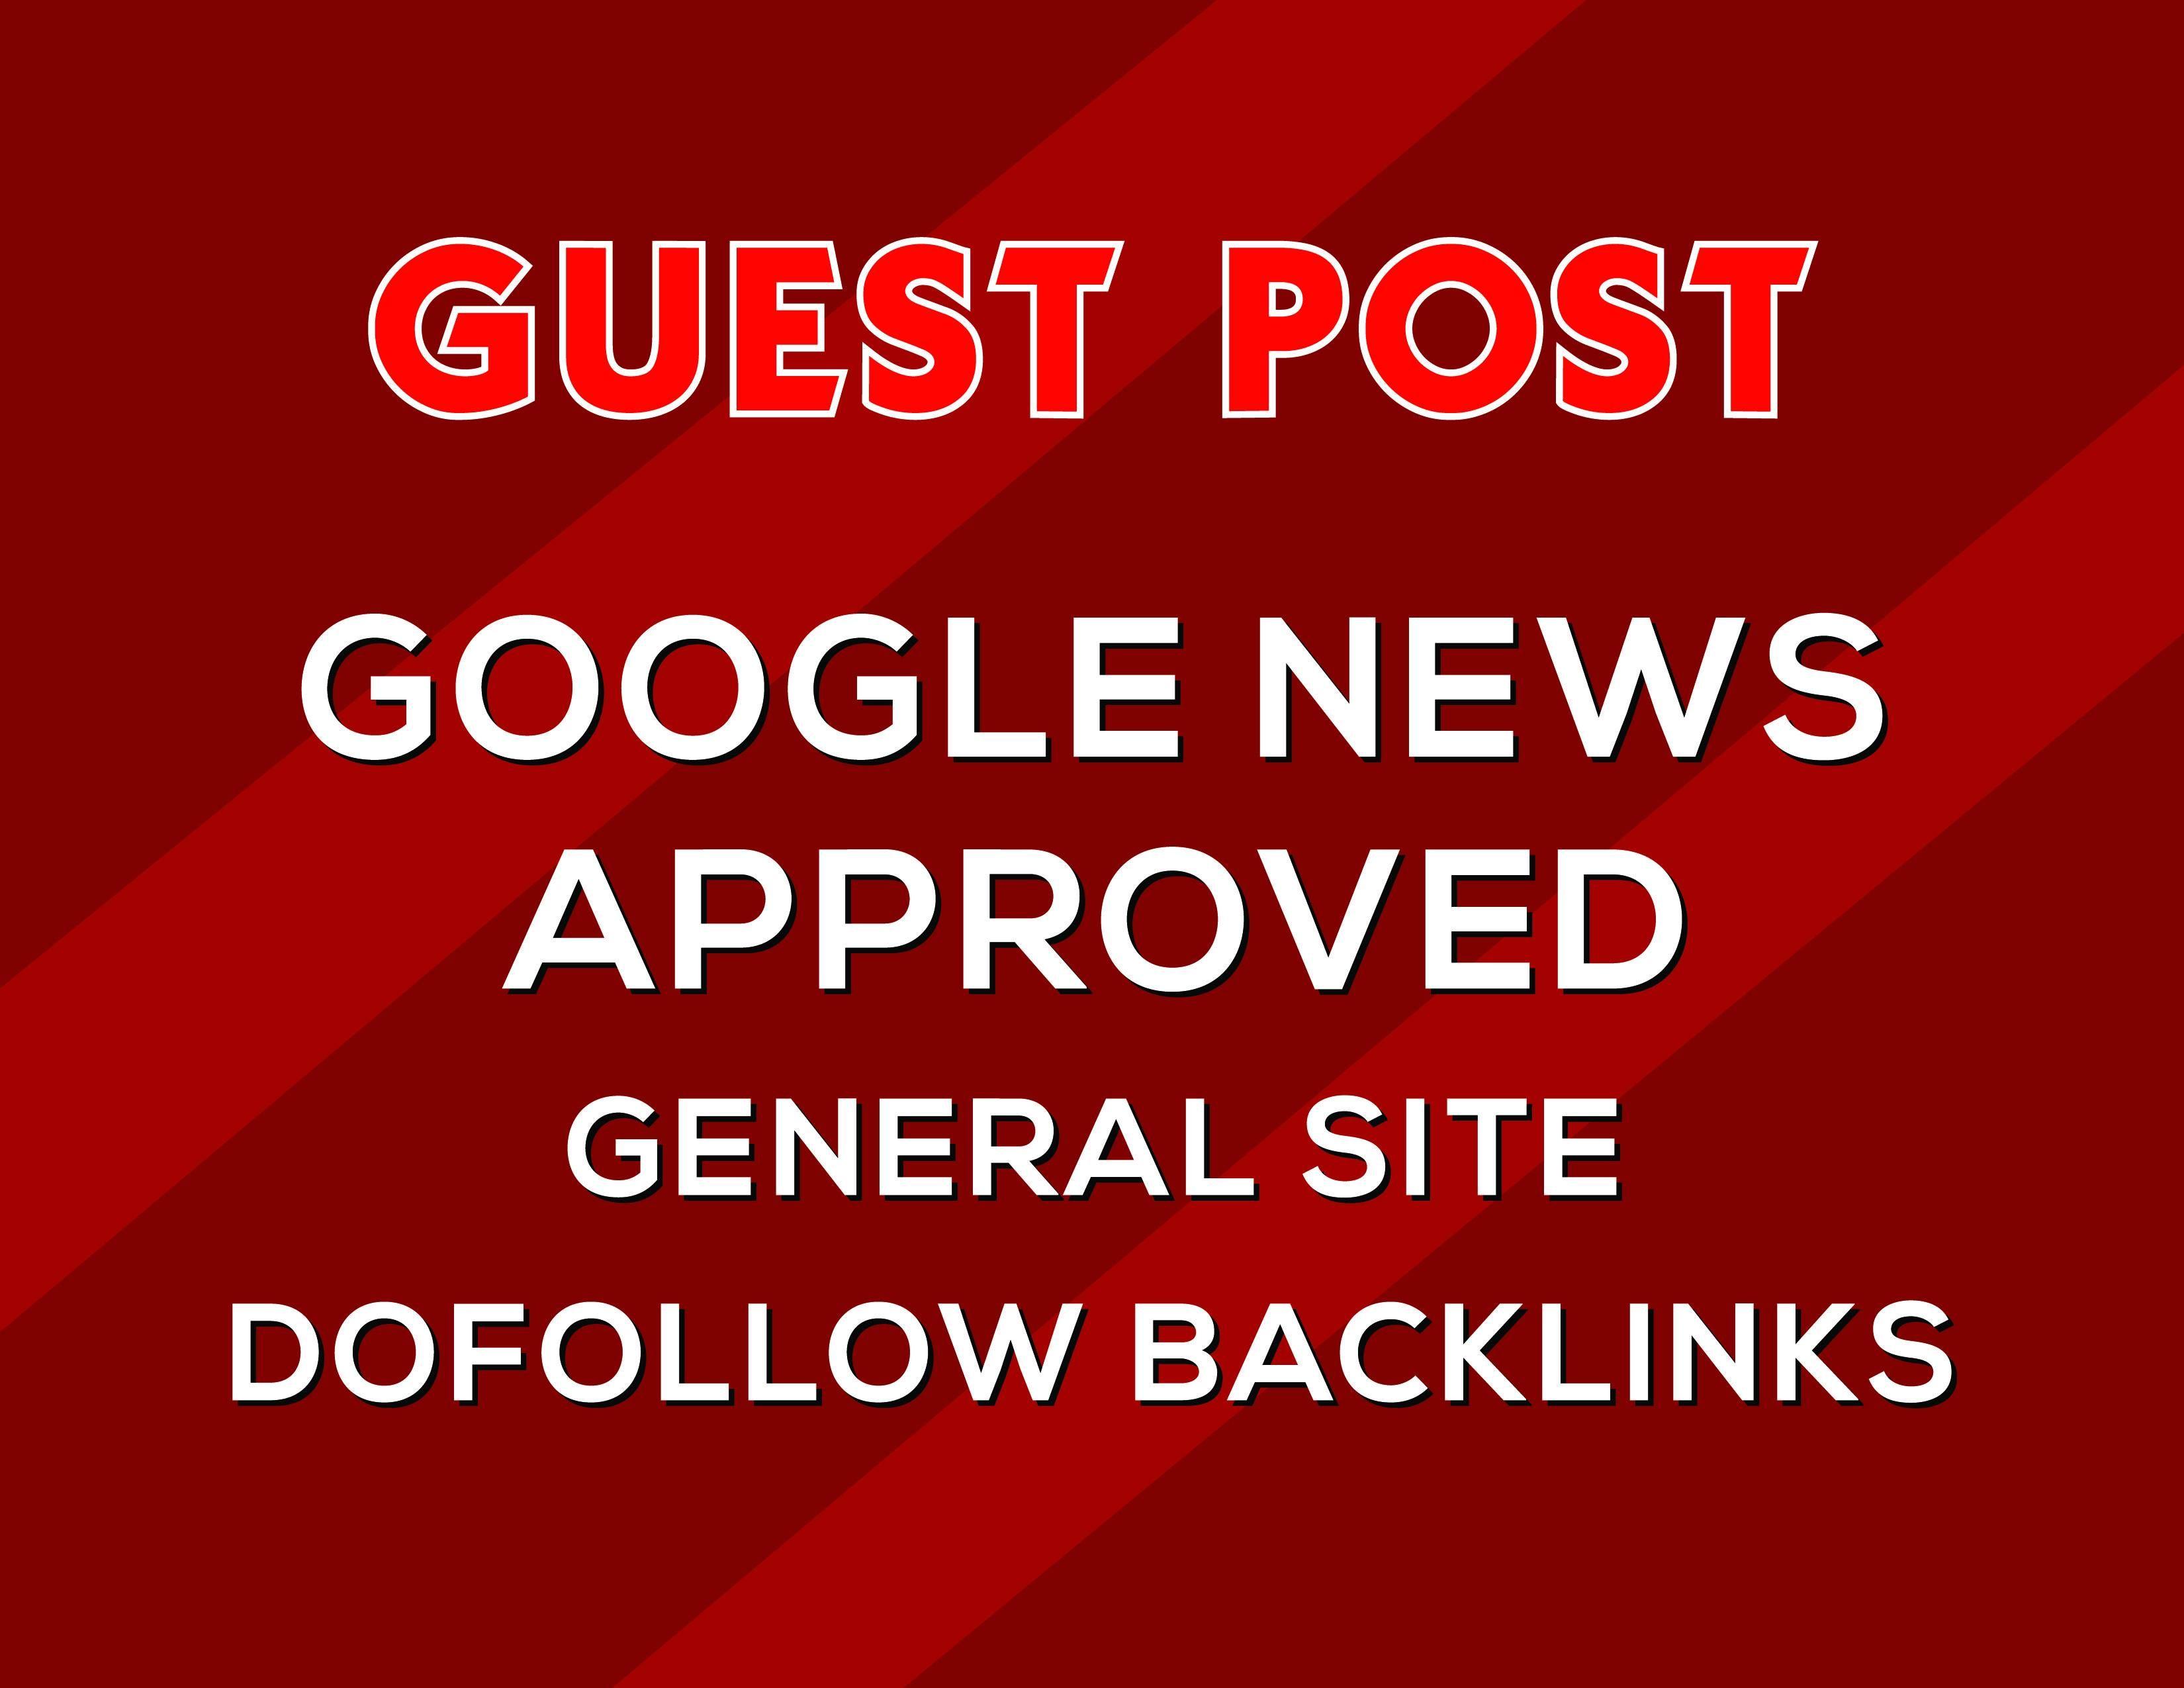 Provide guest post on kinnt. com google approved news site da 57 dr 59 permanent backlink